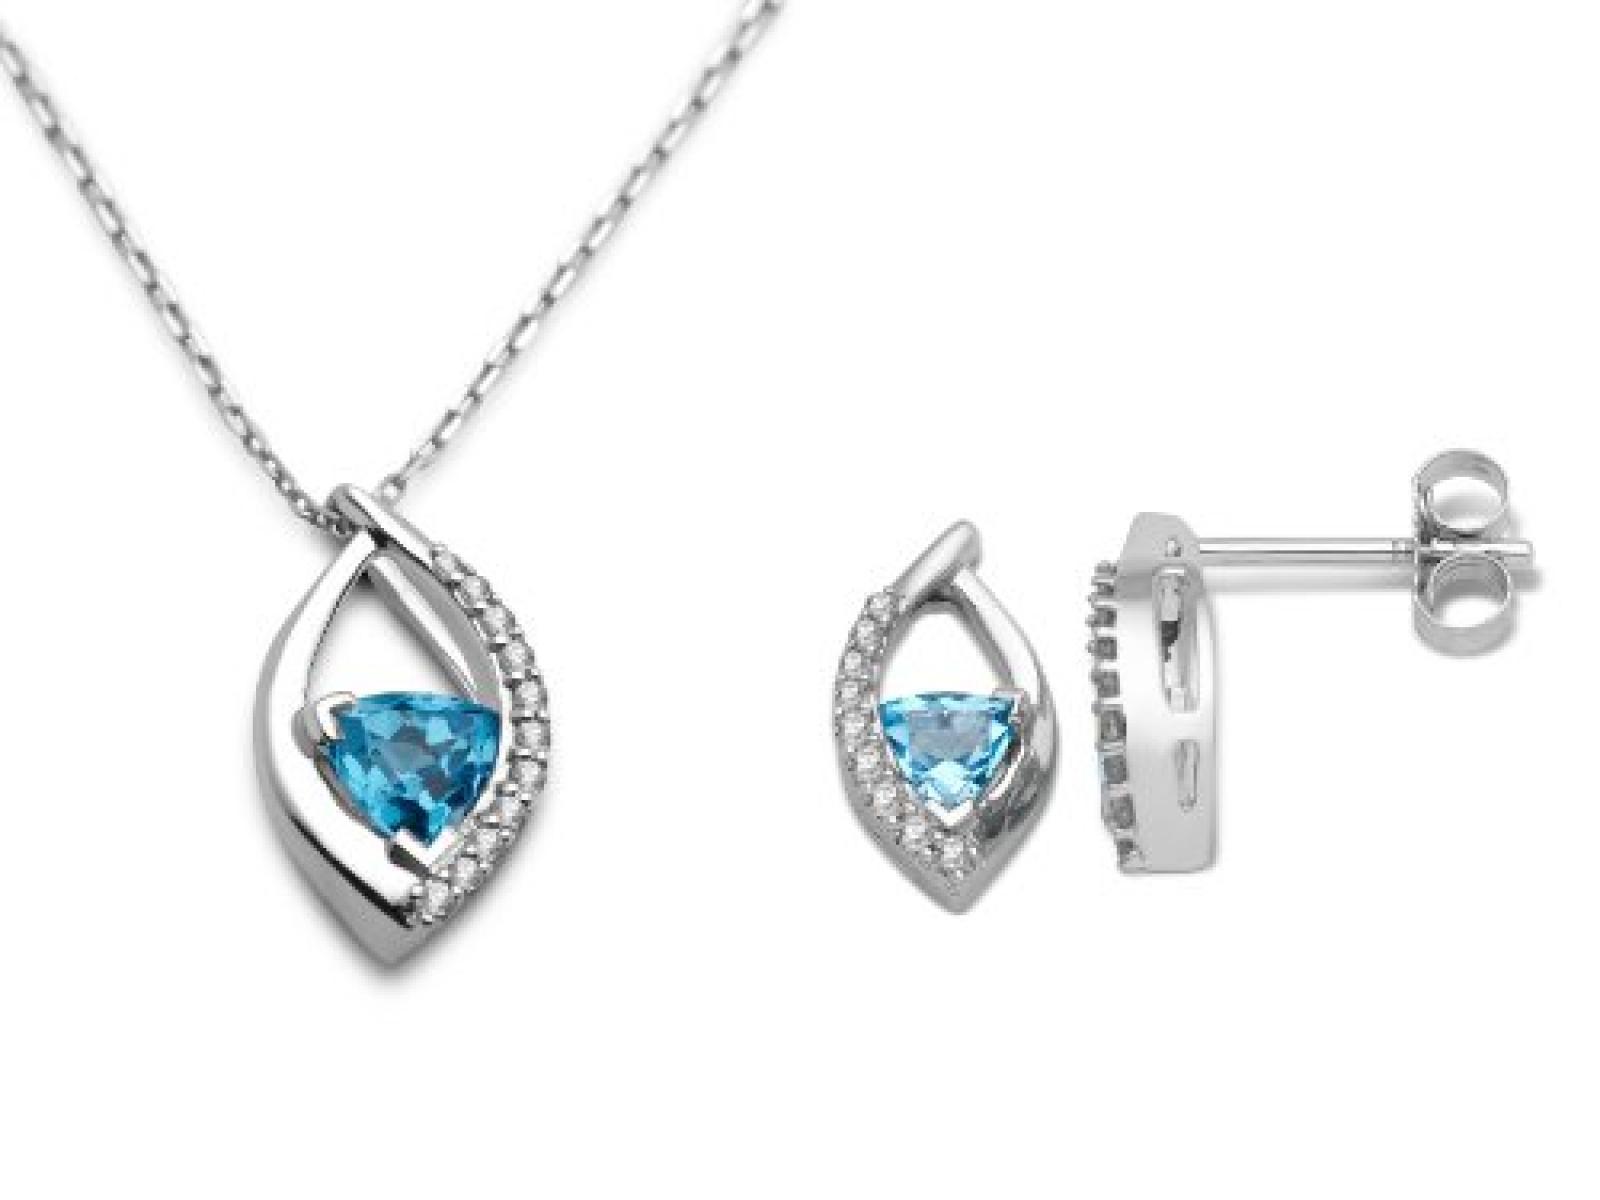 MIORE Damen-Schmuckset Ohrringe und Anhänger 9 Karat (375) Weißgold Blau Topas und Diamant USP019W